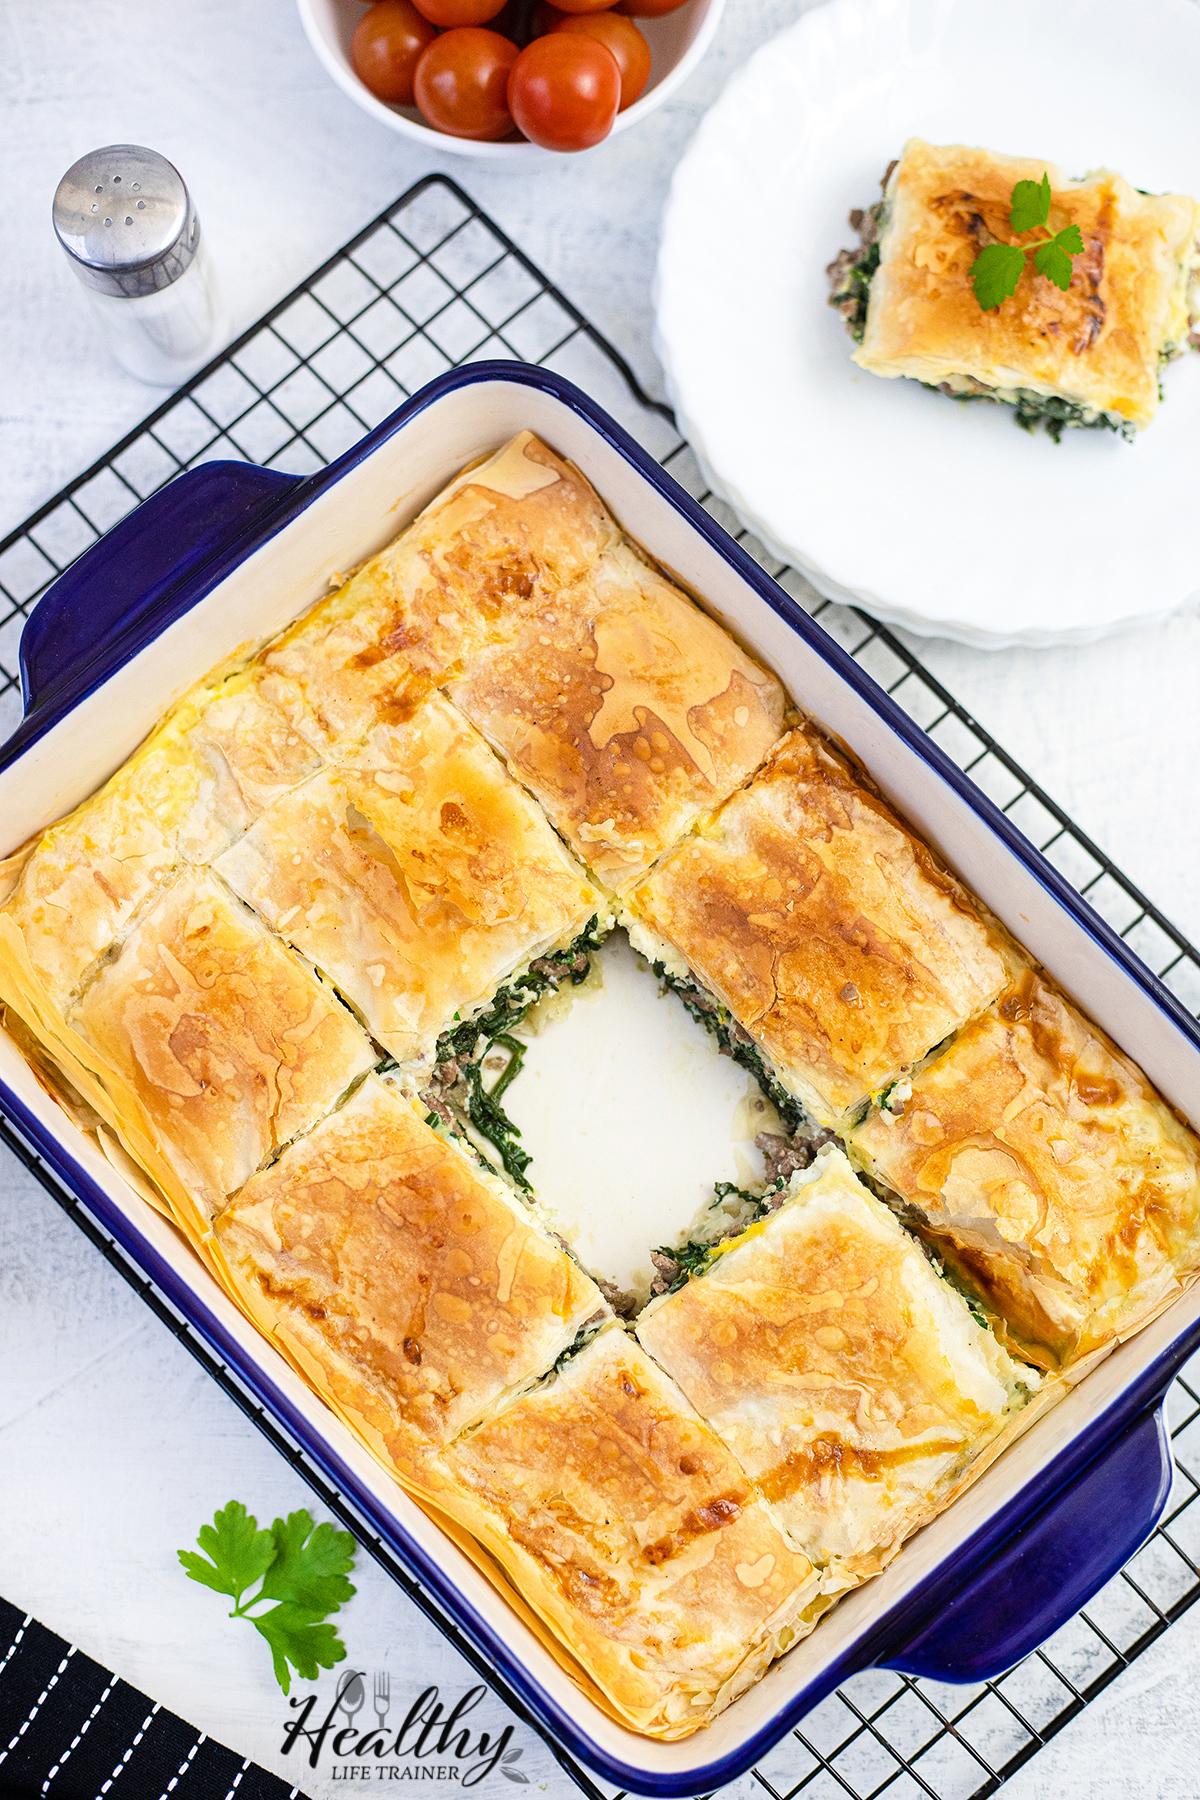 Spanakopita - Spinach Pie #spanakopitarecipe #spanakopitapie #spinachpie #dinnerpie #mediterraneanrecipe